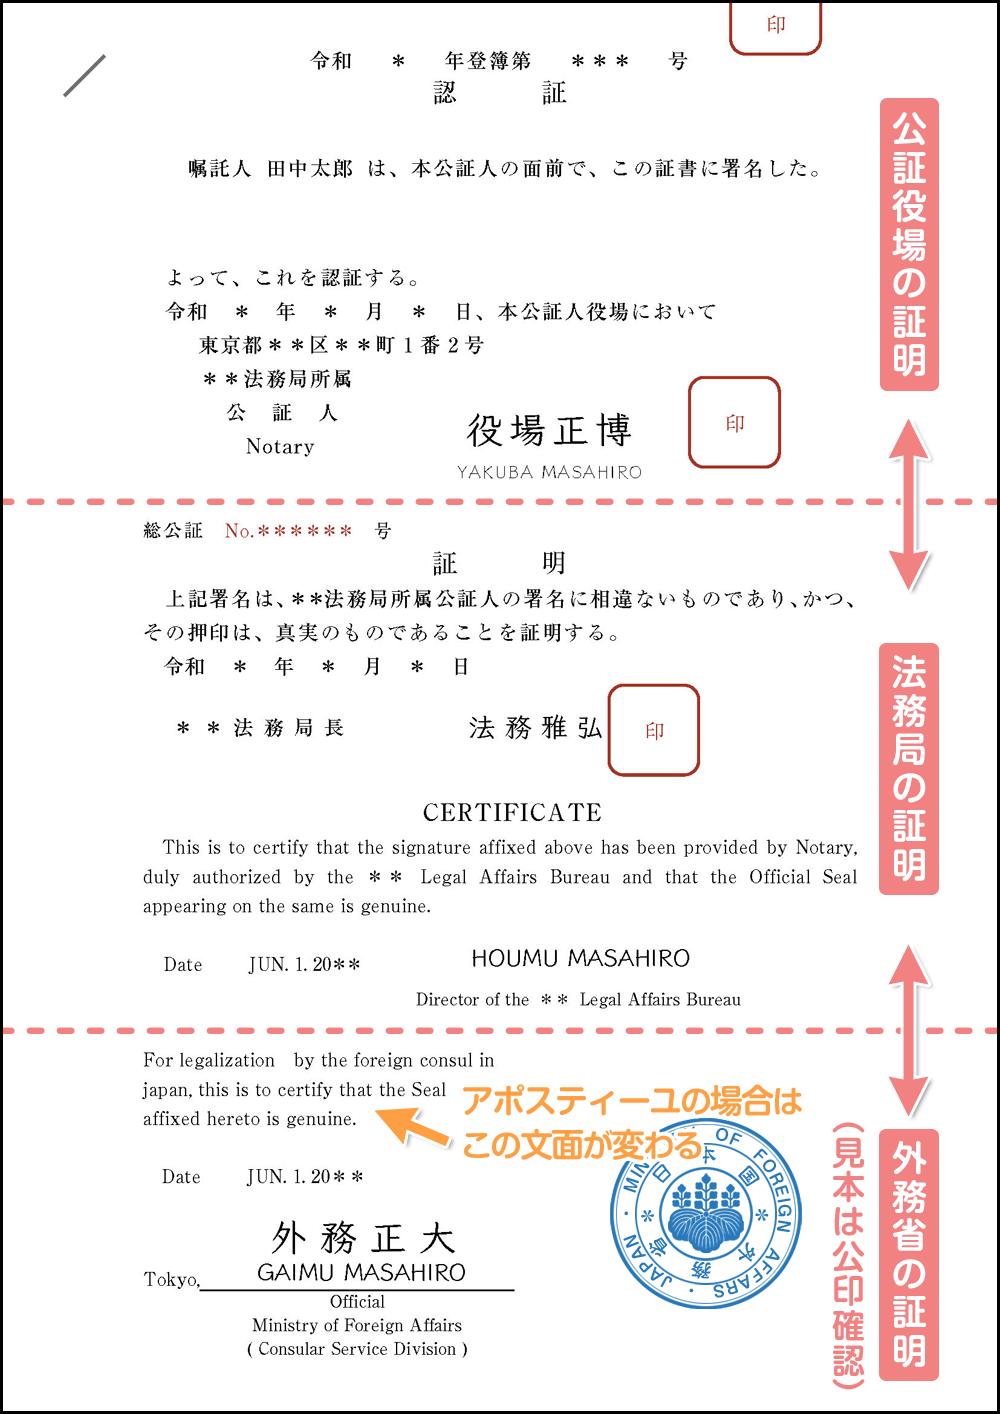 公証役場・法務局・外務省の証明印